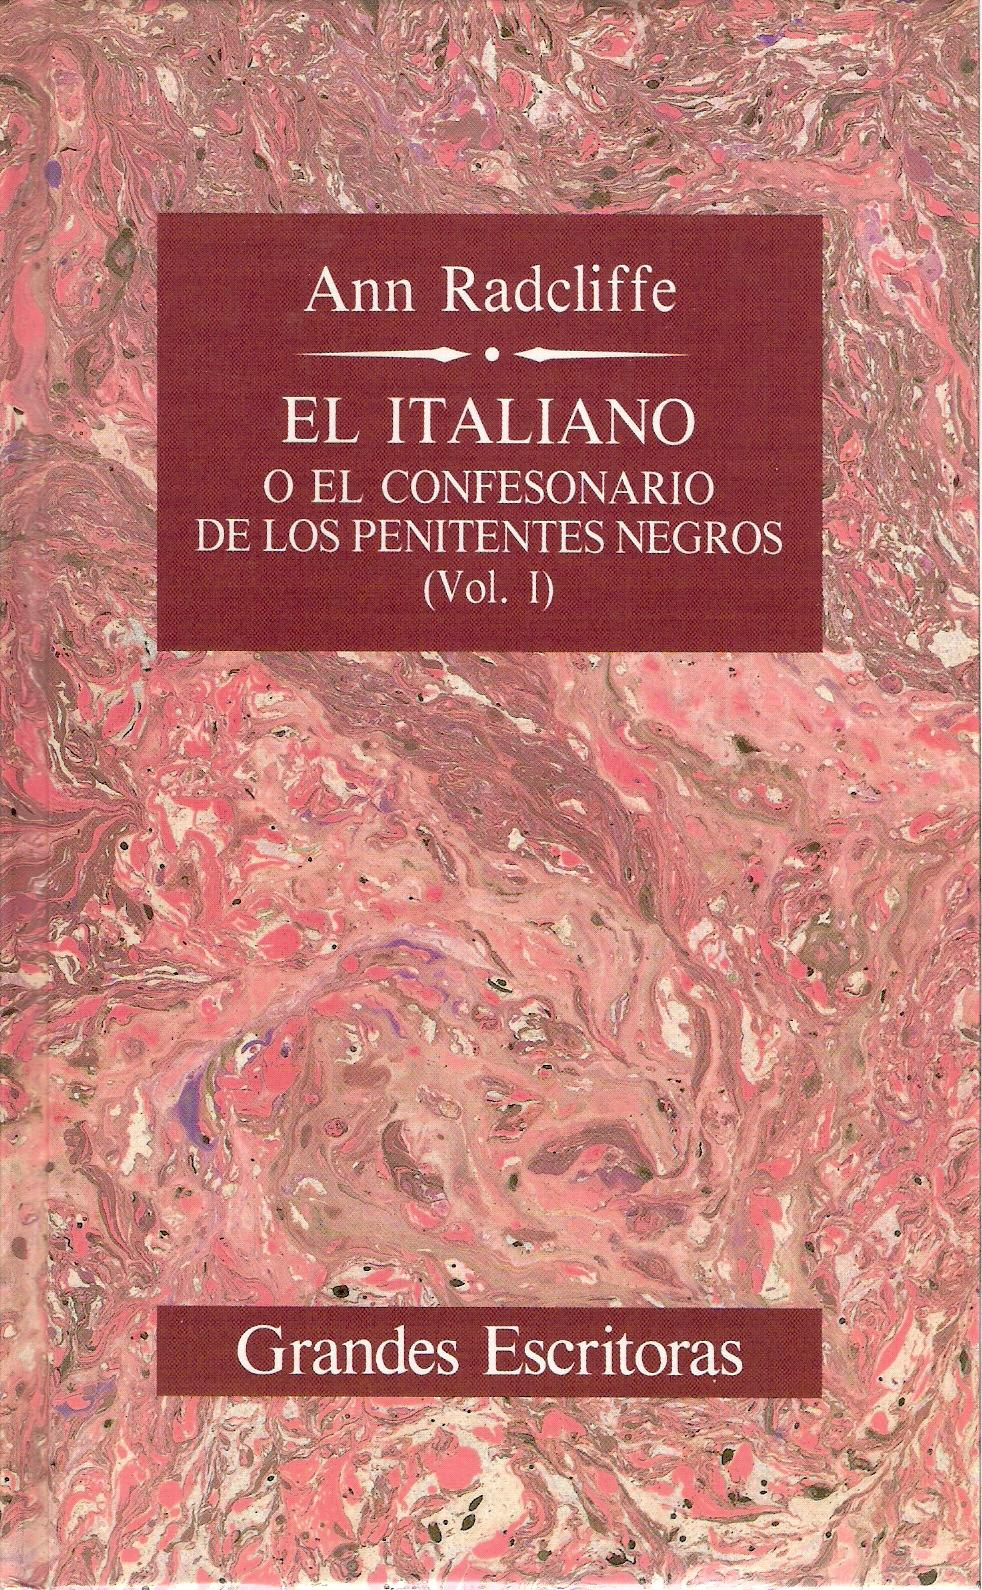 El Italiano o el confesionario de los penitentes negros I